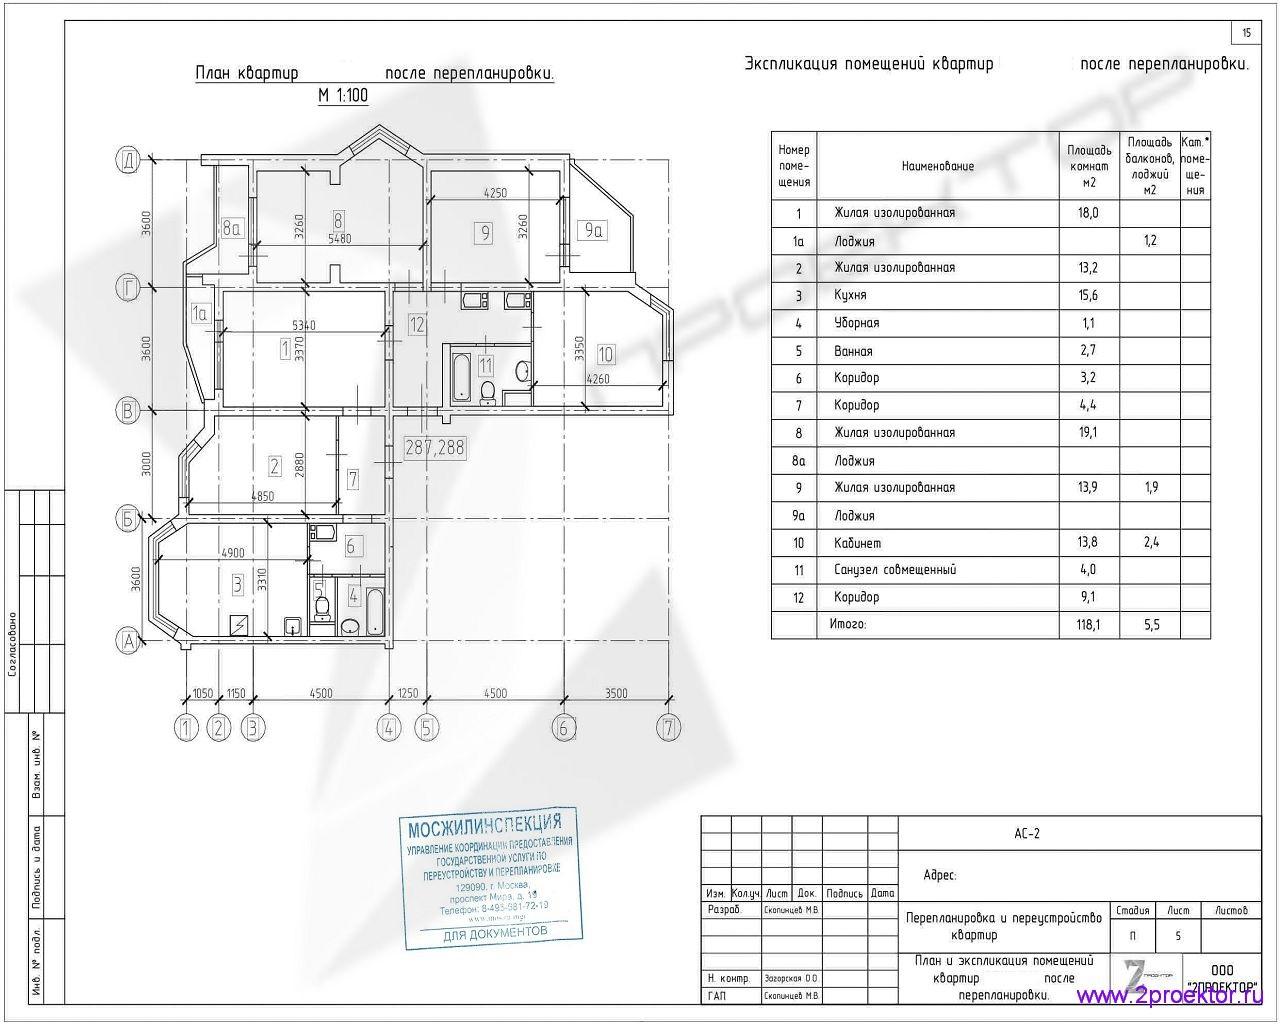 Вариант планировки квартиры в Жилом комплексе Головино разработанный специалистами ООО «2Проектор» и согласованный Мосжилинспекцией.